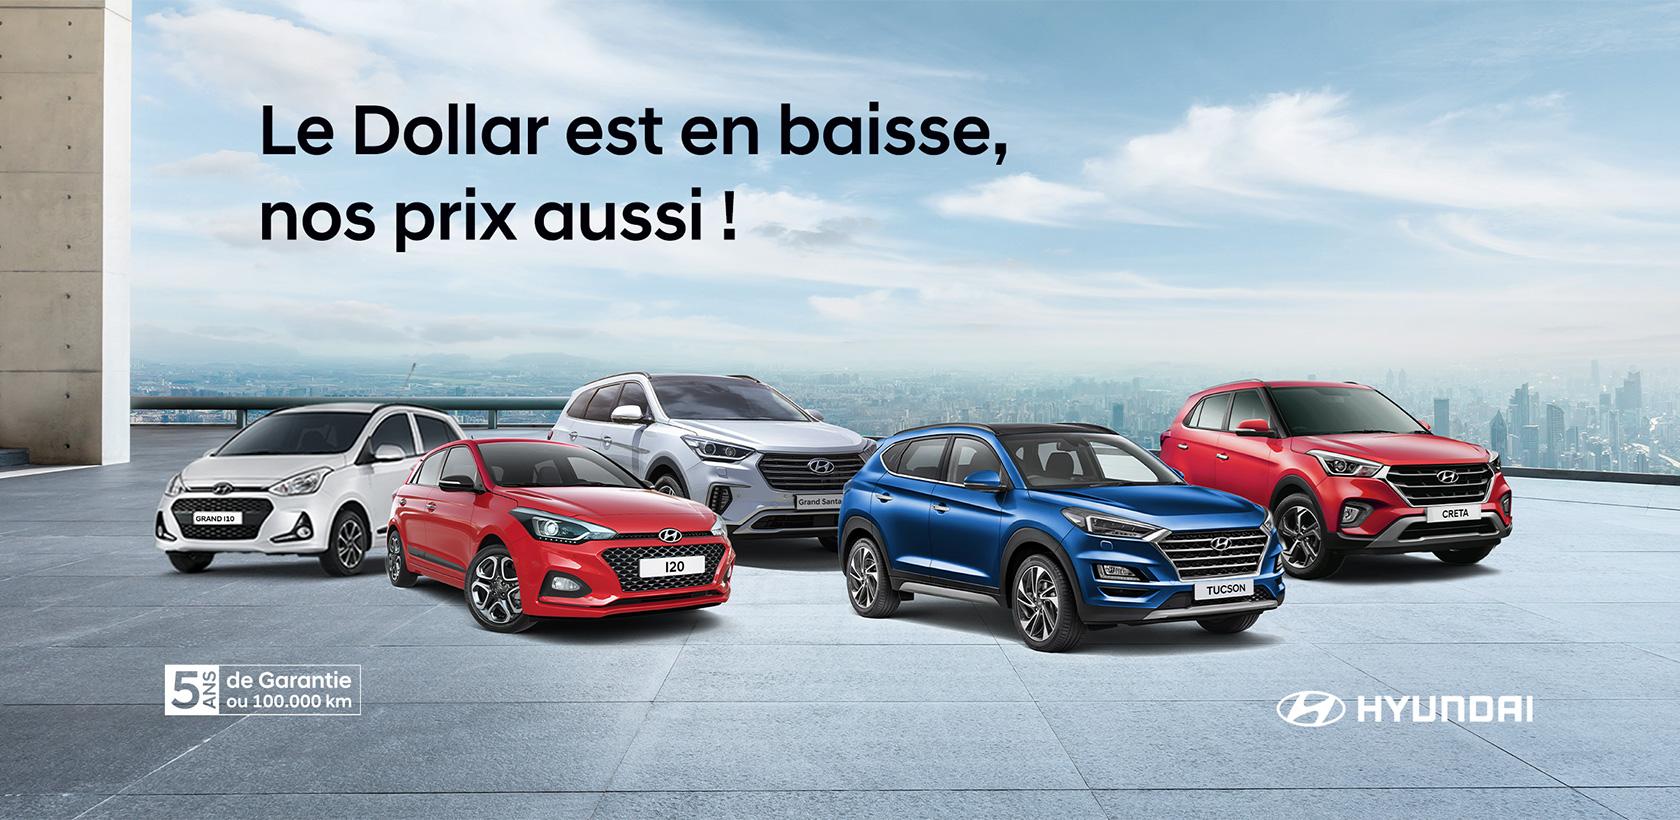 Baisse des prix chez Hyundai